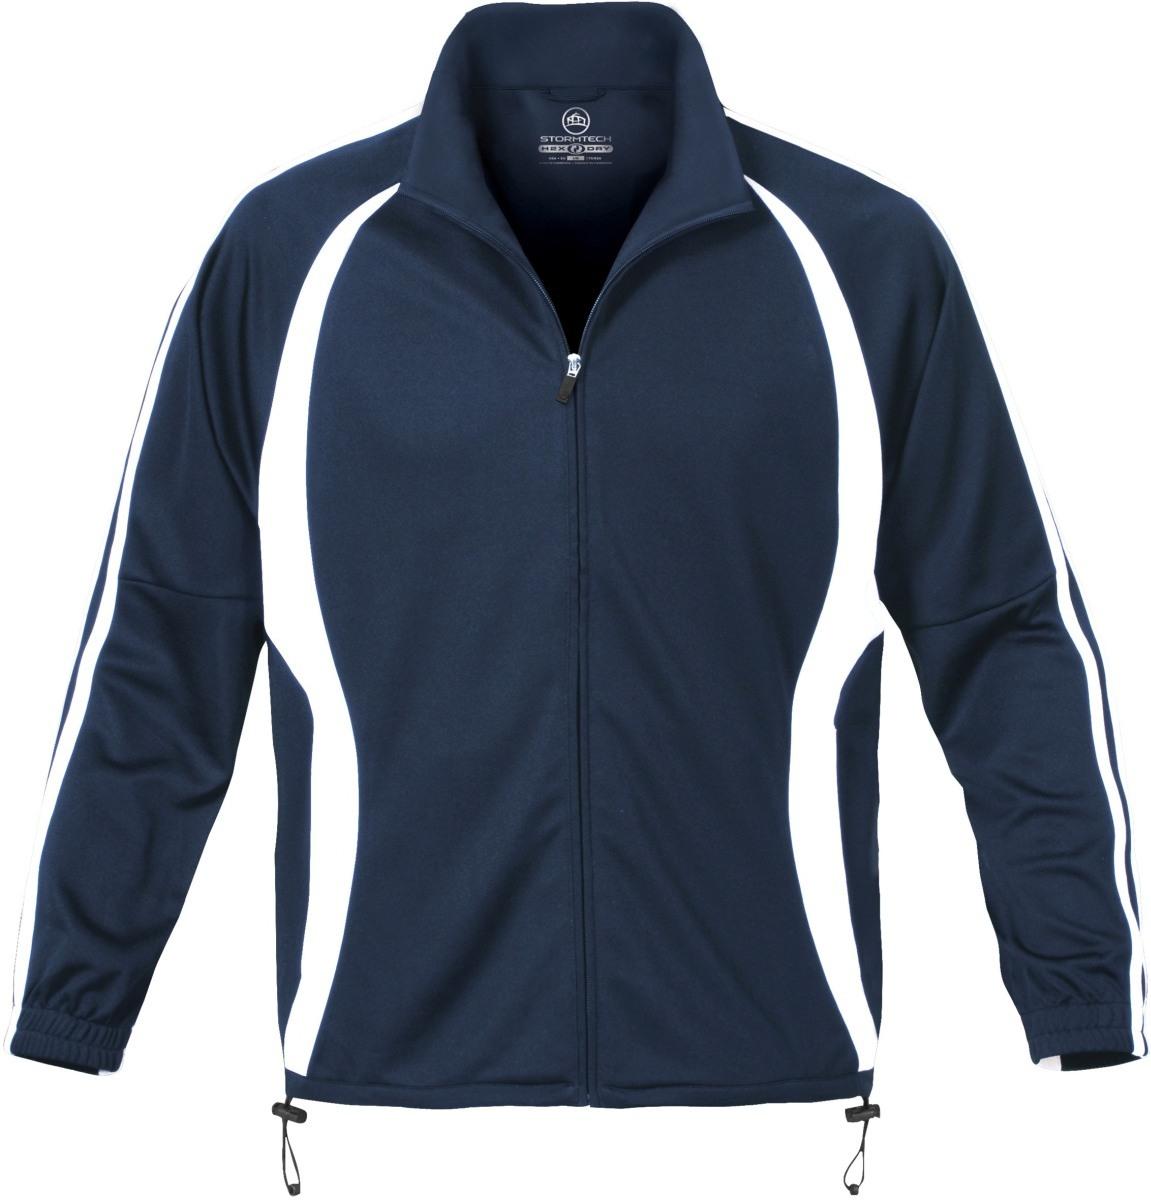 Men's H2X-Dry Full-Zip Knit Training Jacket-StormTech